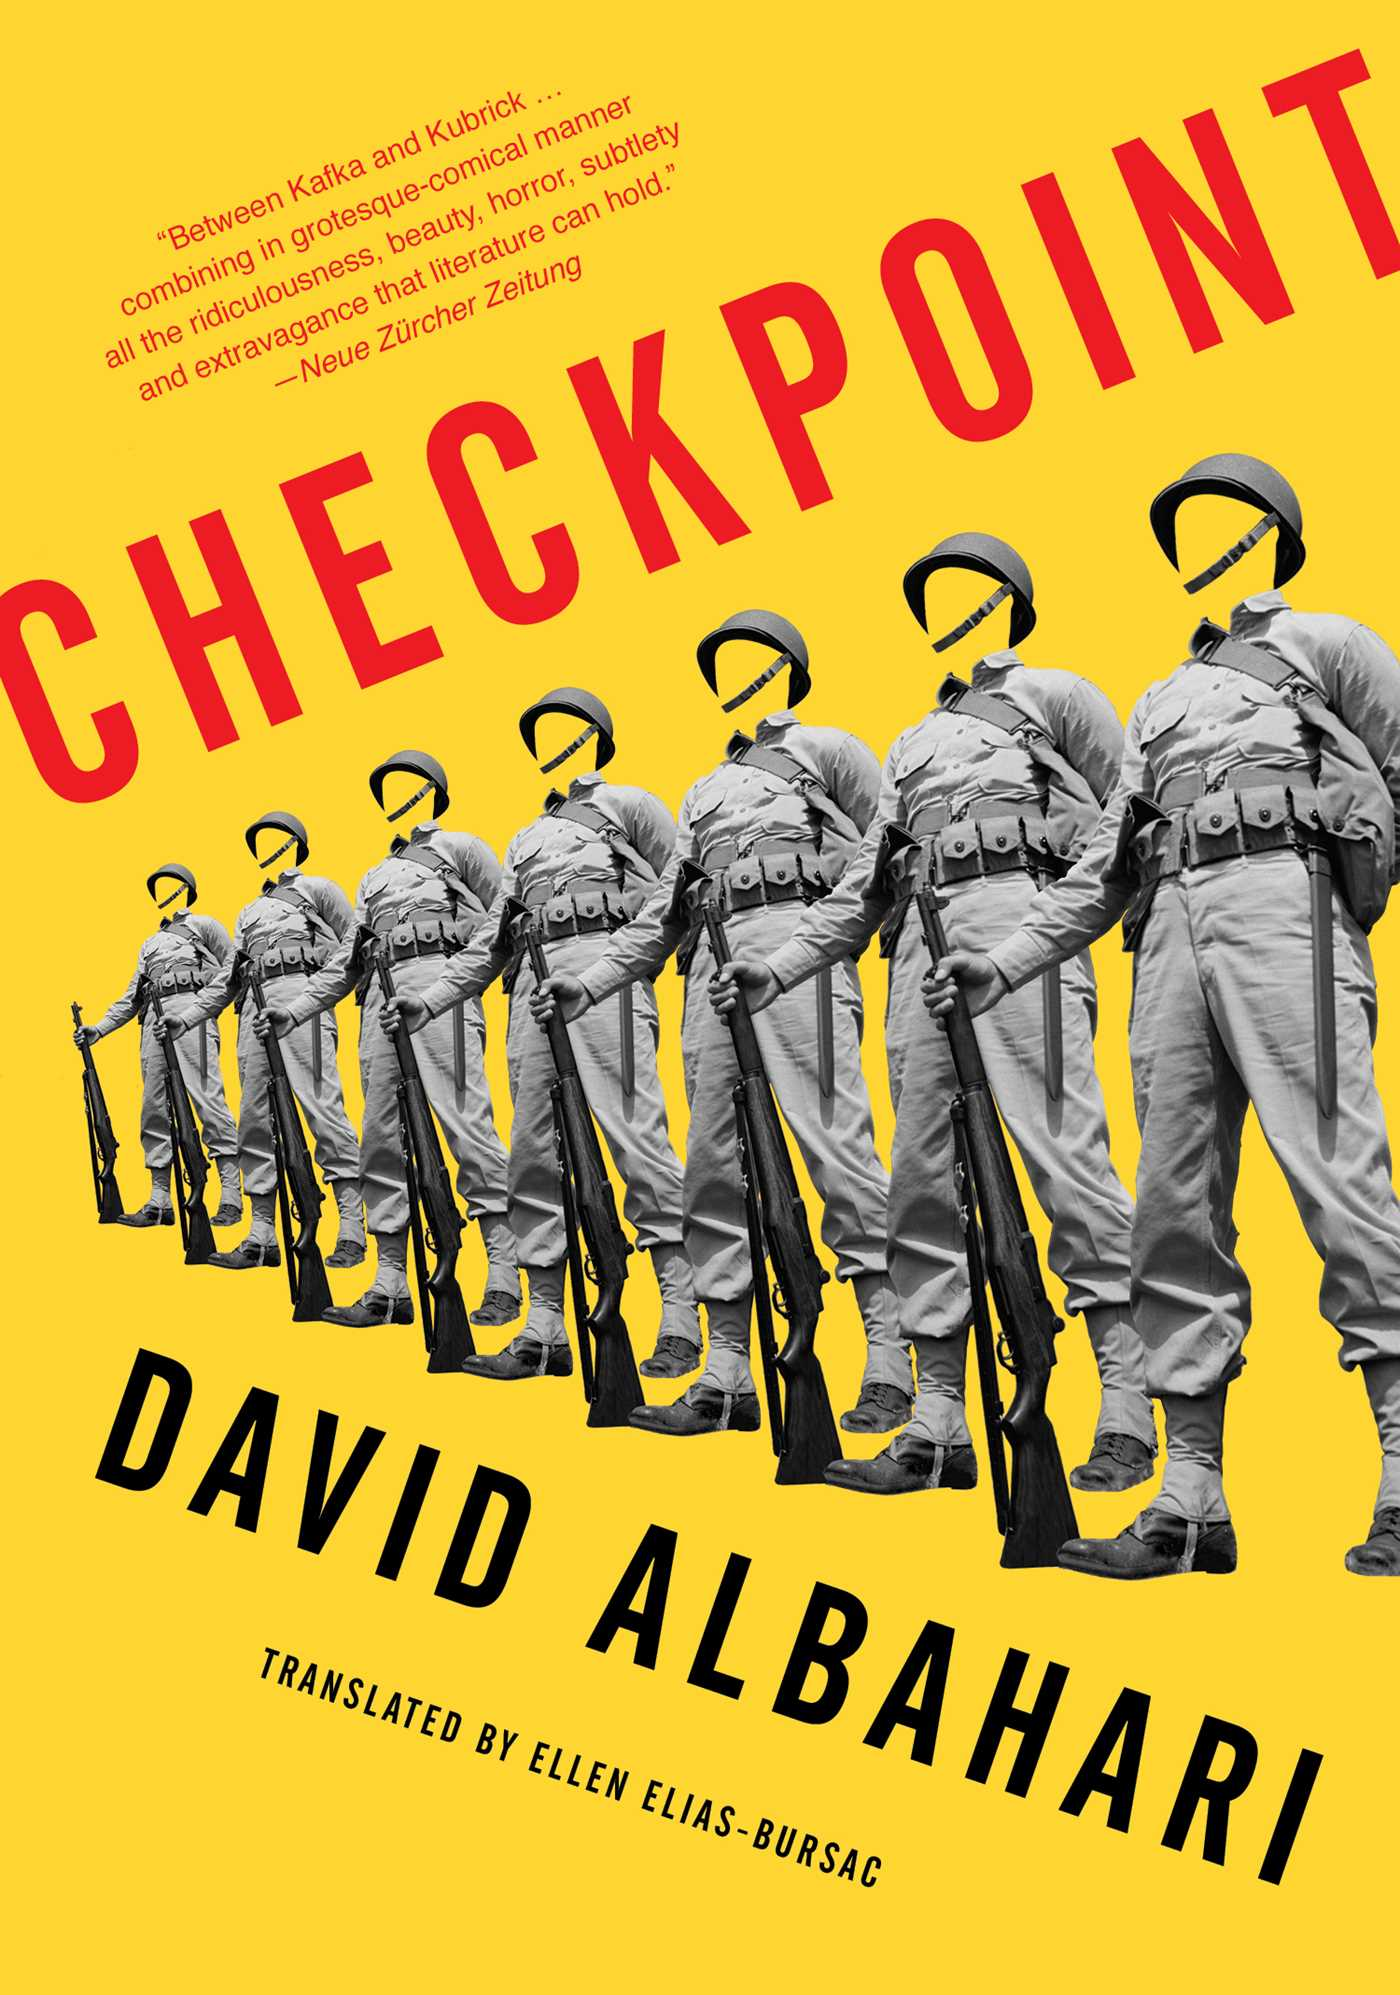 Checkpoint | Book by David Albahari, Ellen Elias-Bursac